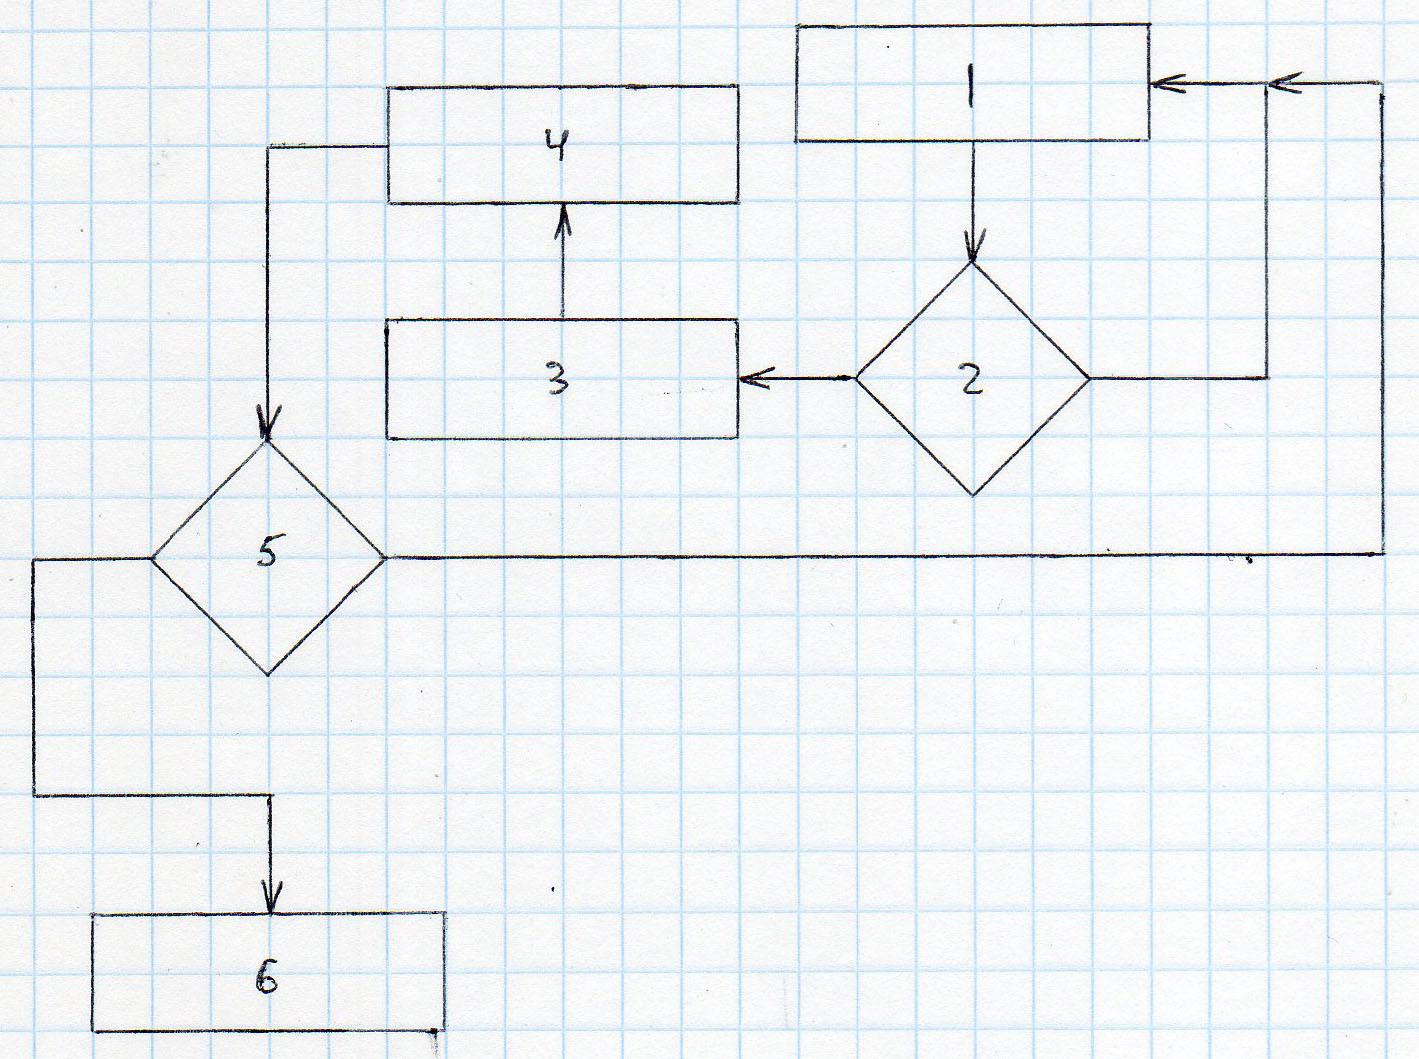 Машина Голдберга в реальной жизни. Сложный ли алгоритм действия для сложного механизма? - 3